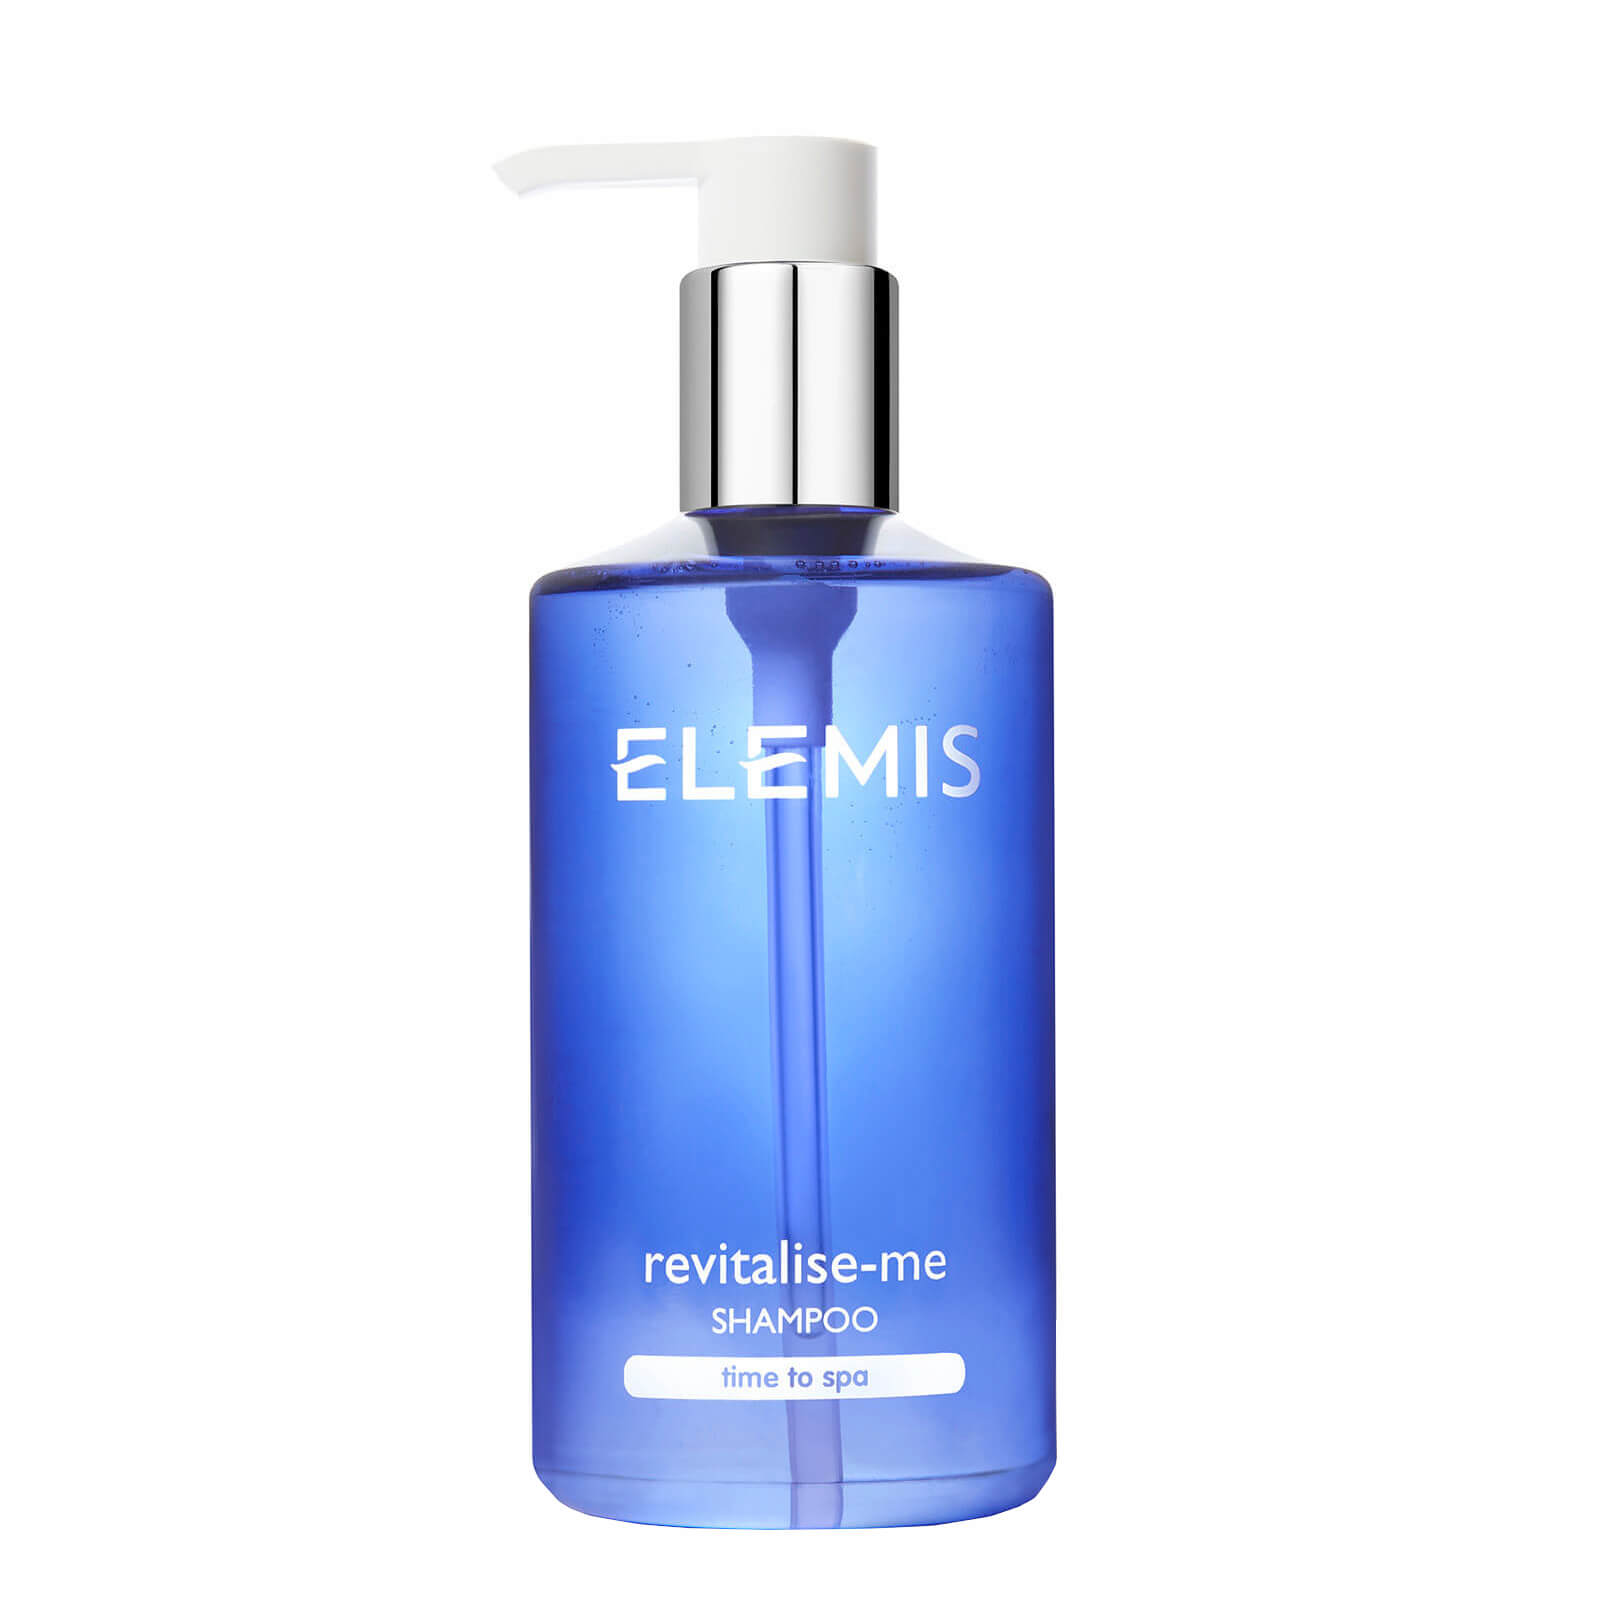 Revitalise-Me Shampoo